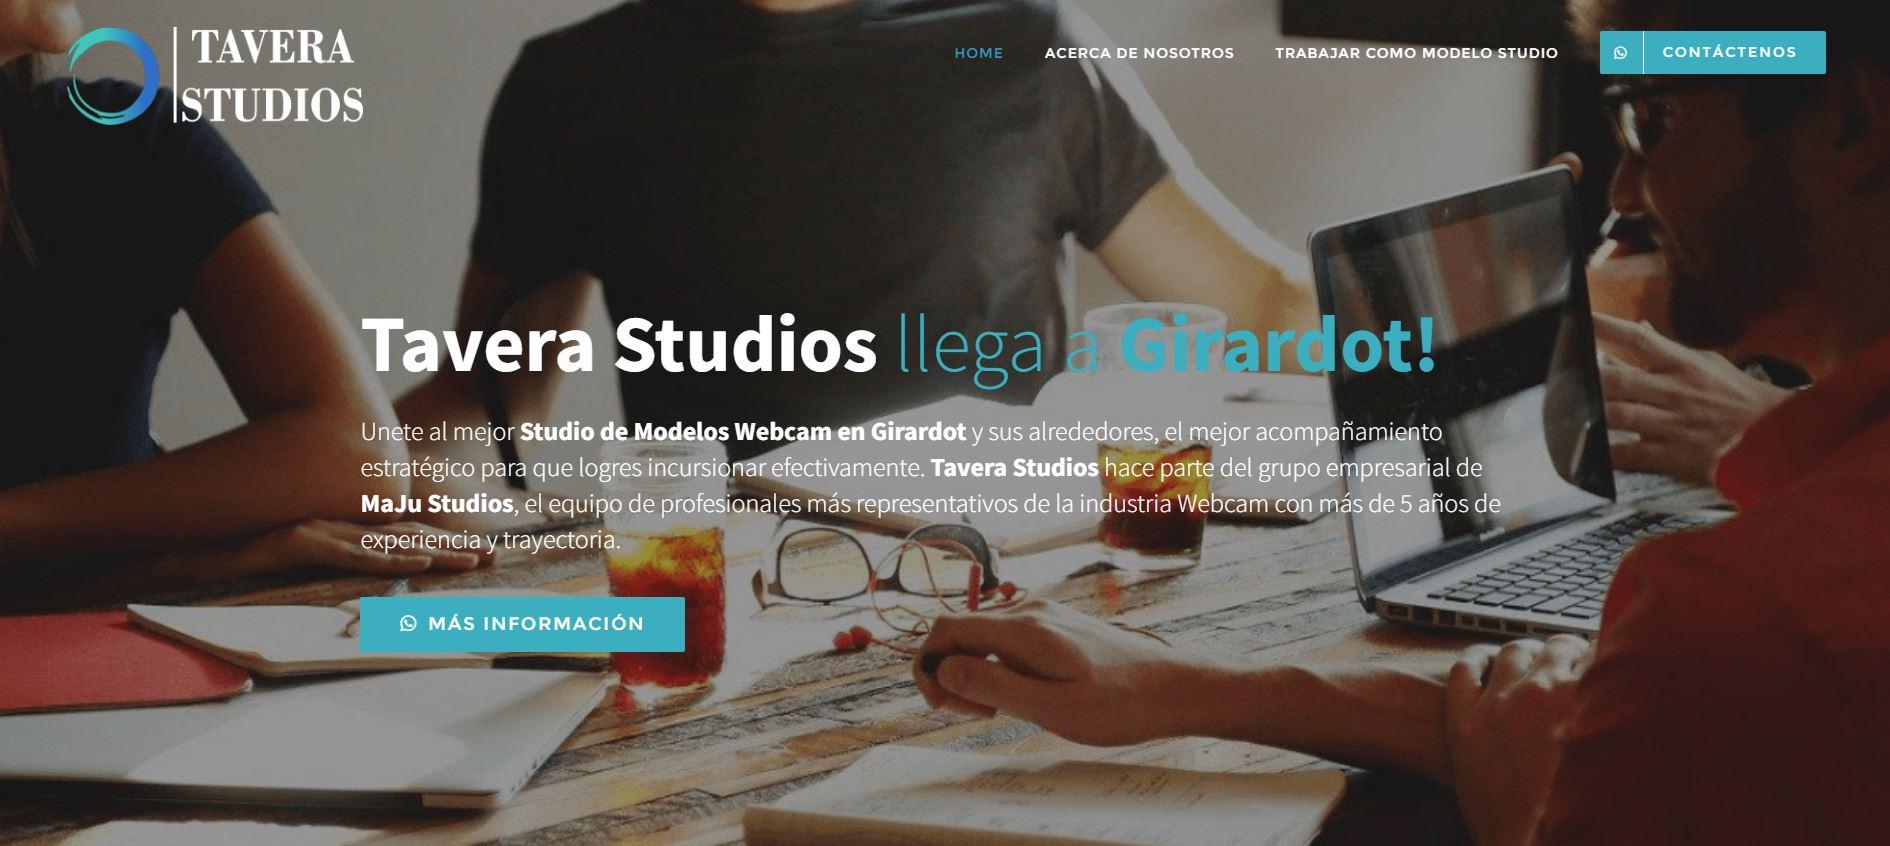 Tavera Studios llega a Girardot Socios de MaJu Studios